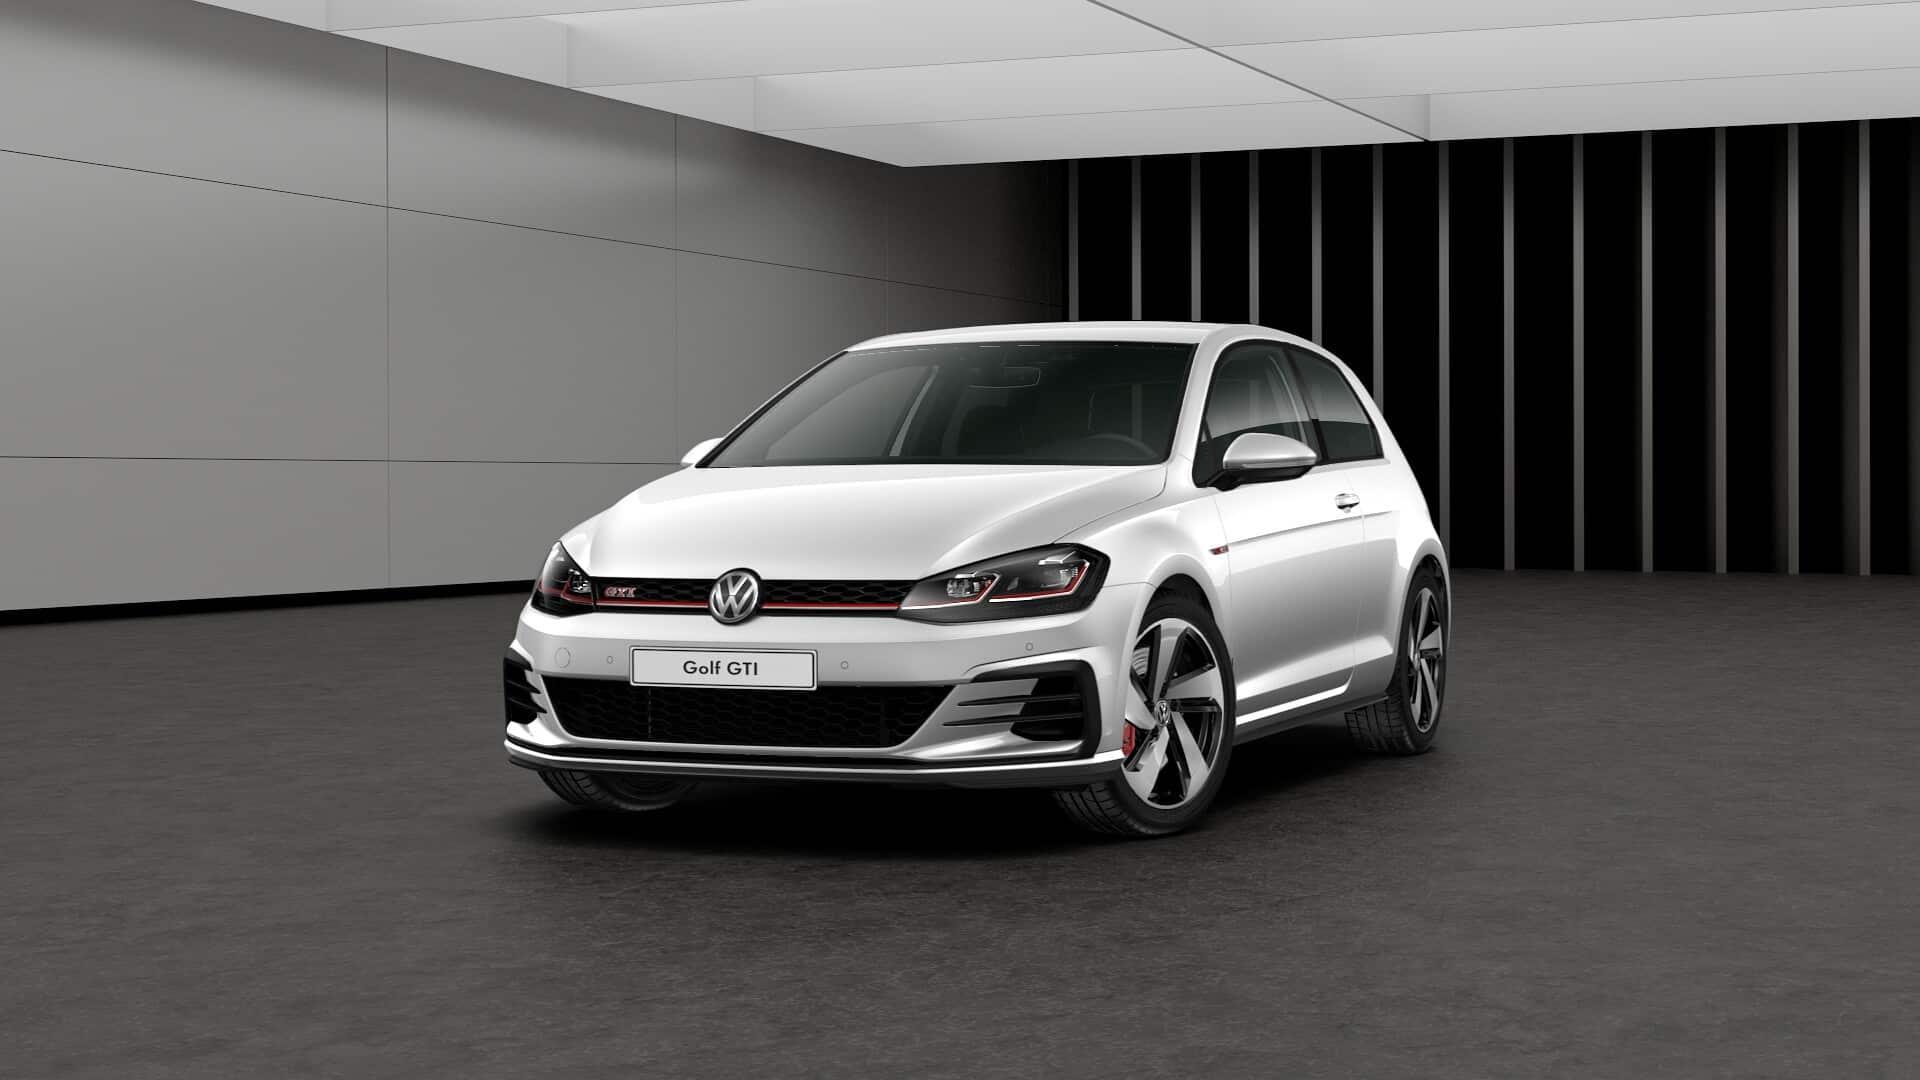 Volkswagen introduce el Golf GTI Performance: Con 245 CV